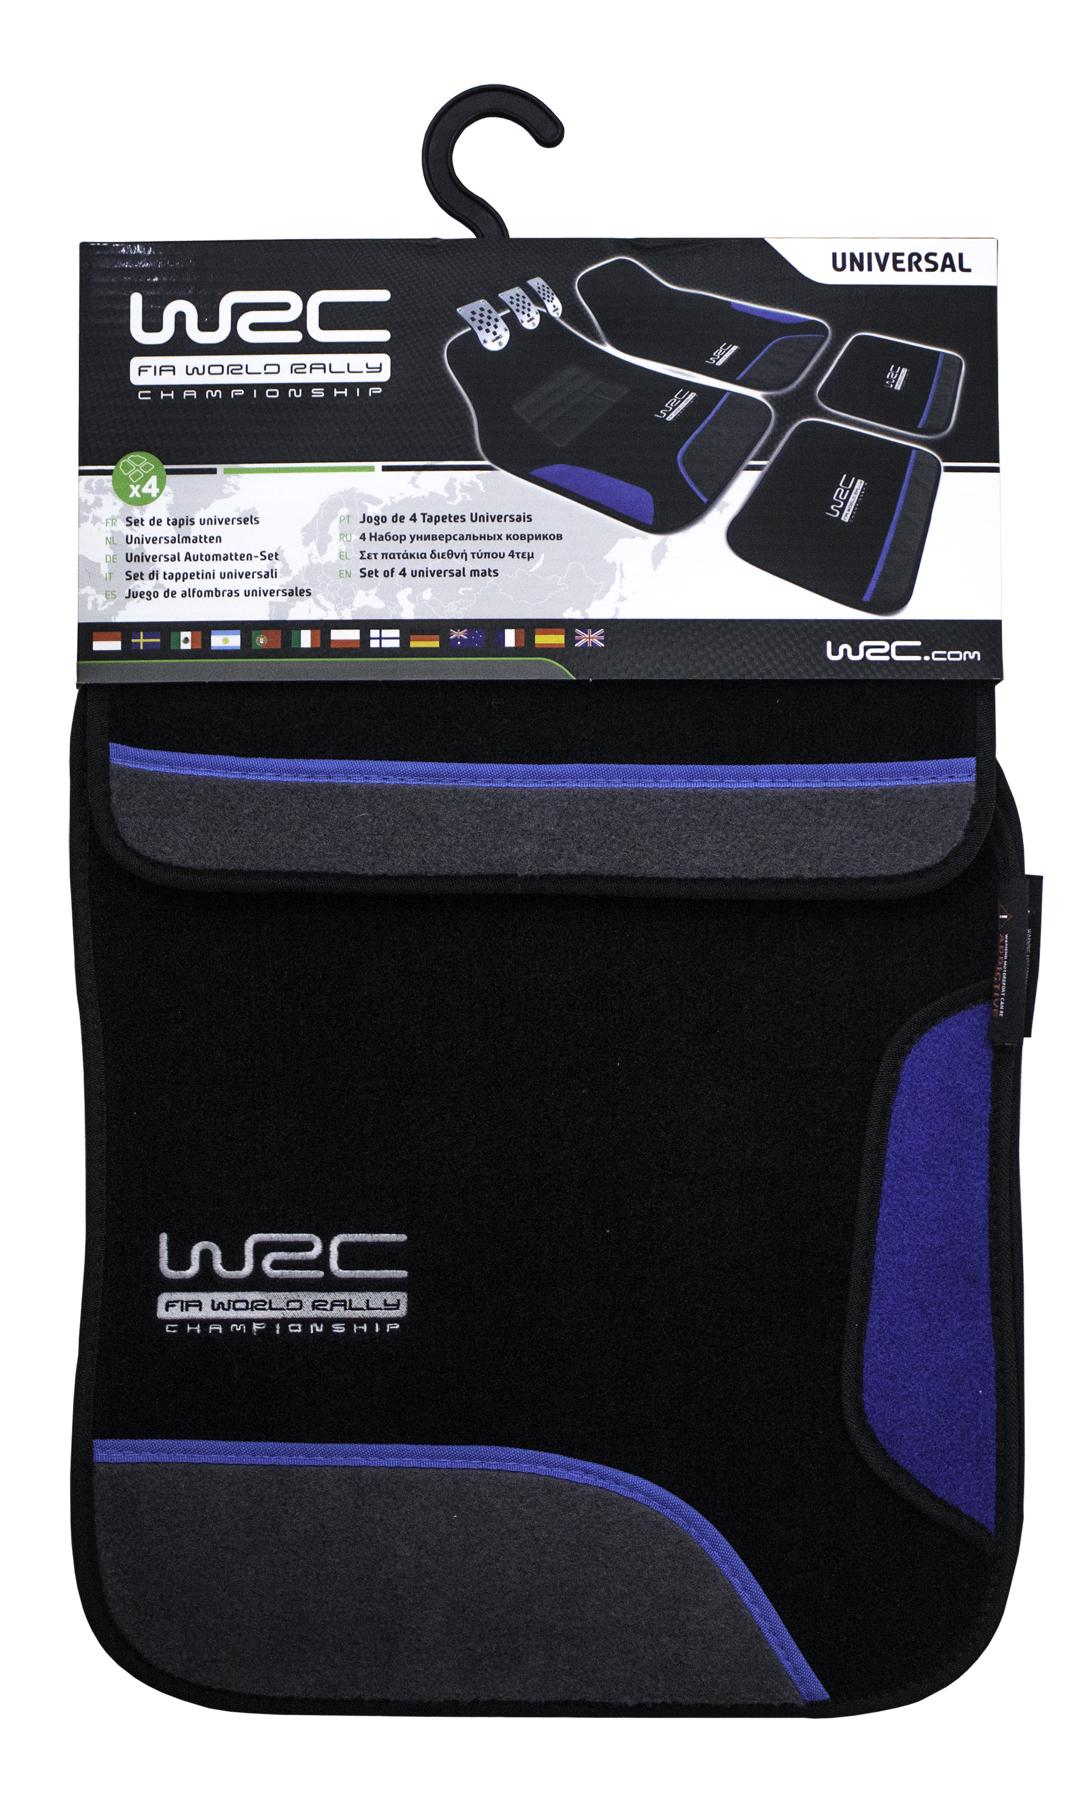 007436 Vloermatset WRC - Bespaar met uitgebreide promoties